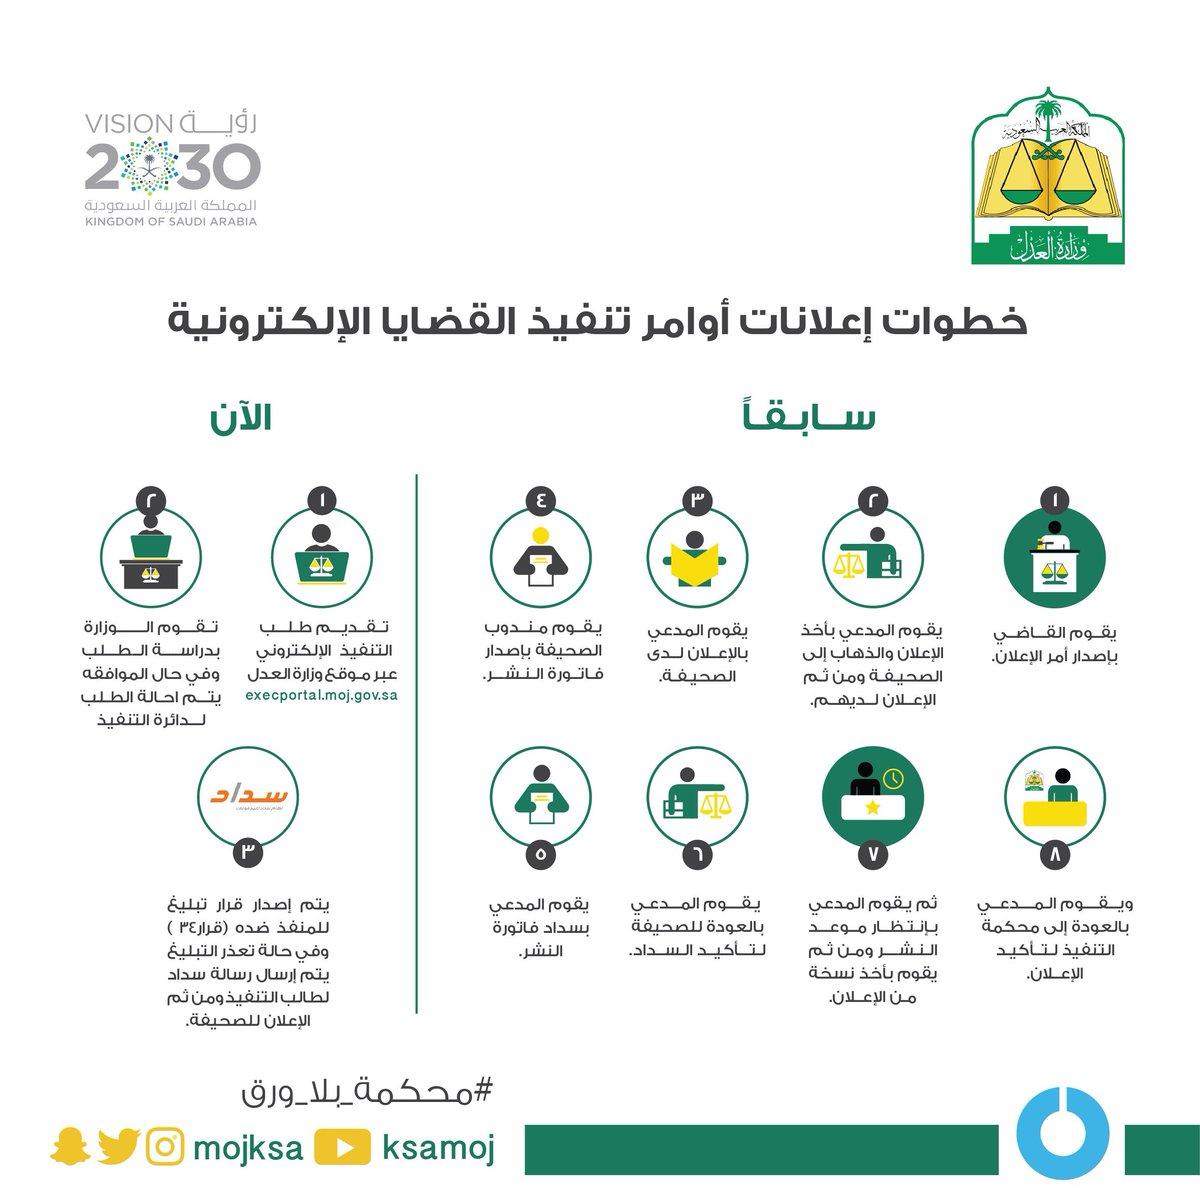 وزارة العدل On Twitter فيديو عبر خطوات ميس رة يمكنك الاستفادة من خدمة إعلانات أوامر التنفيذ الكترونيا محكمة بلا ورق